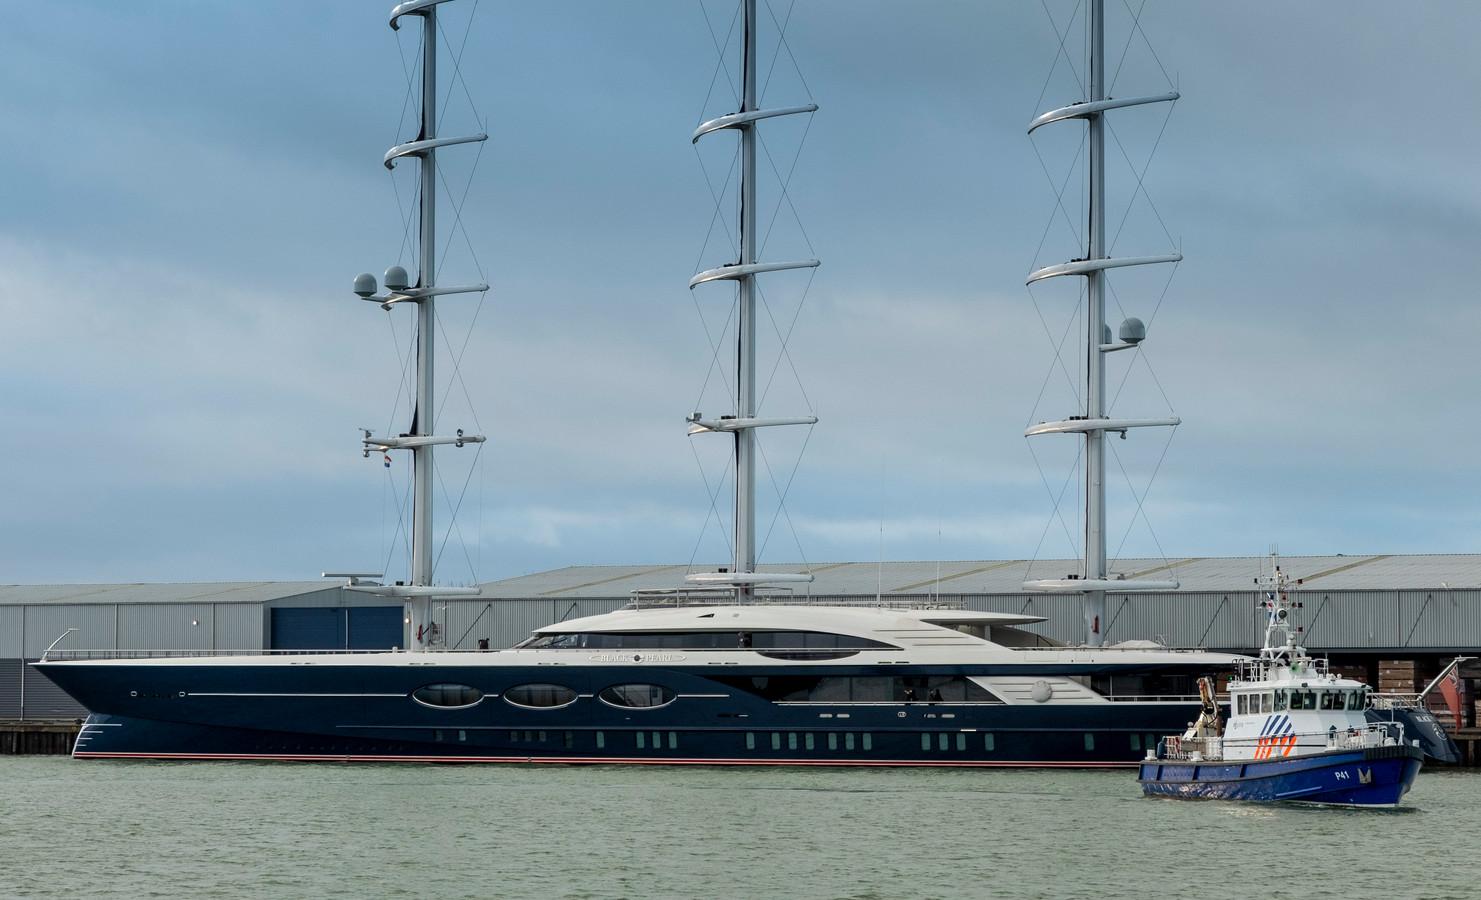 Het zeiljacht Black Pearl aan de kade voor Finsa in de Buitenhaven van Vlissingen.